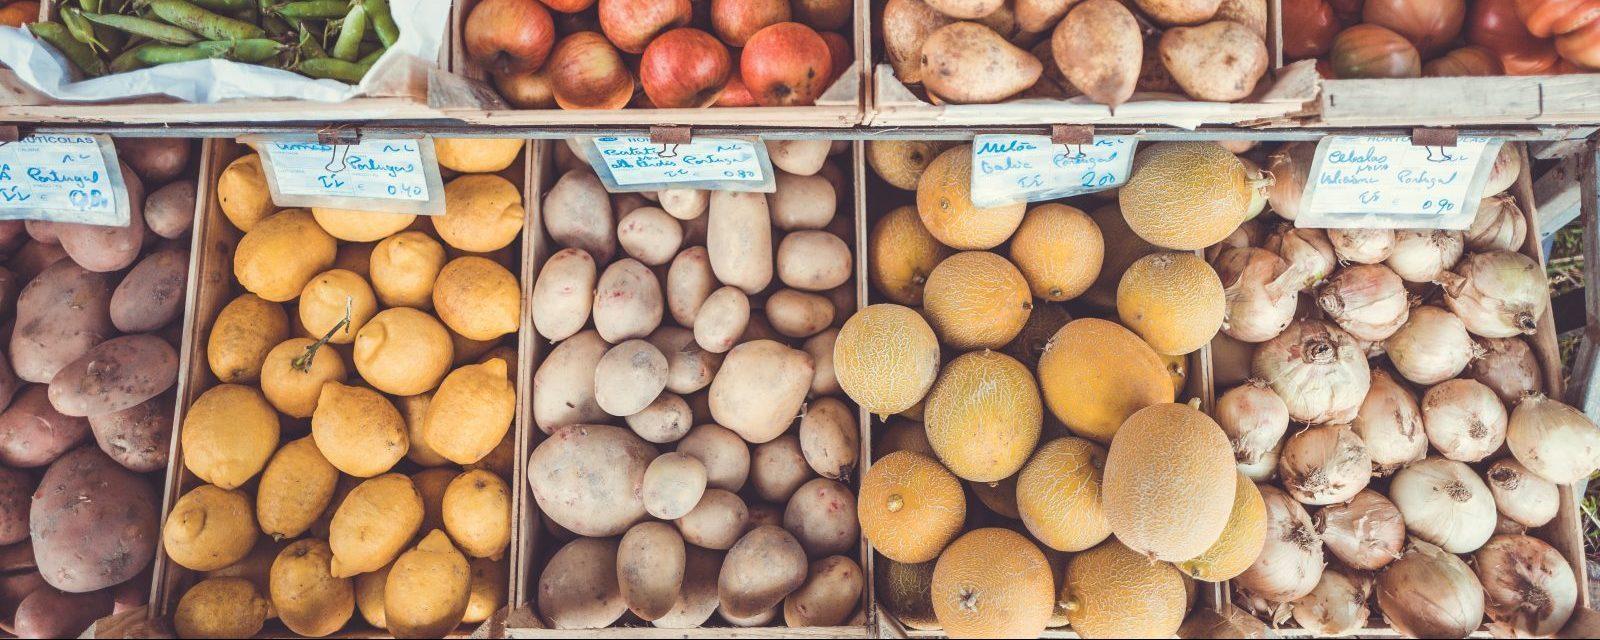 ¿Deseas comprar o vender productos agropecuarios?